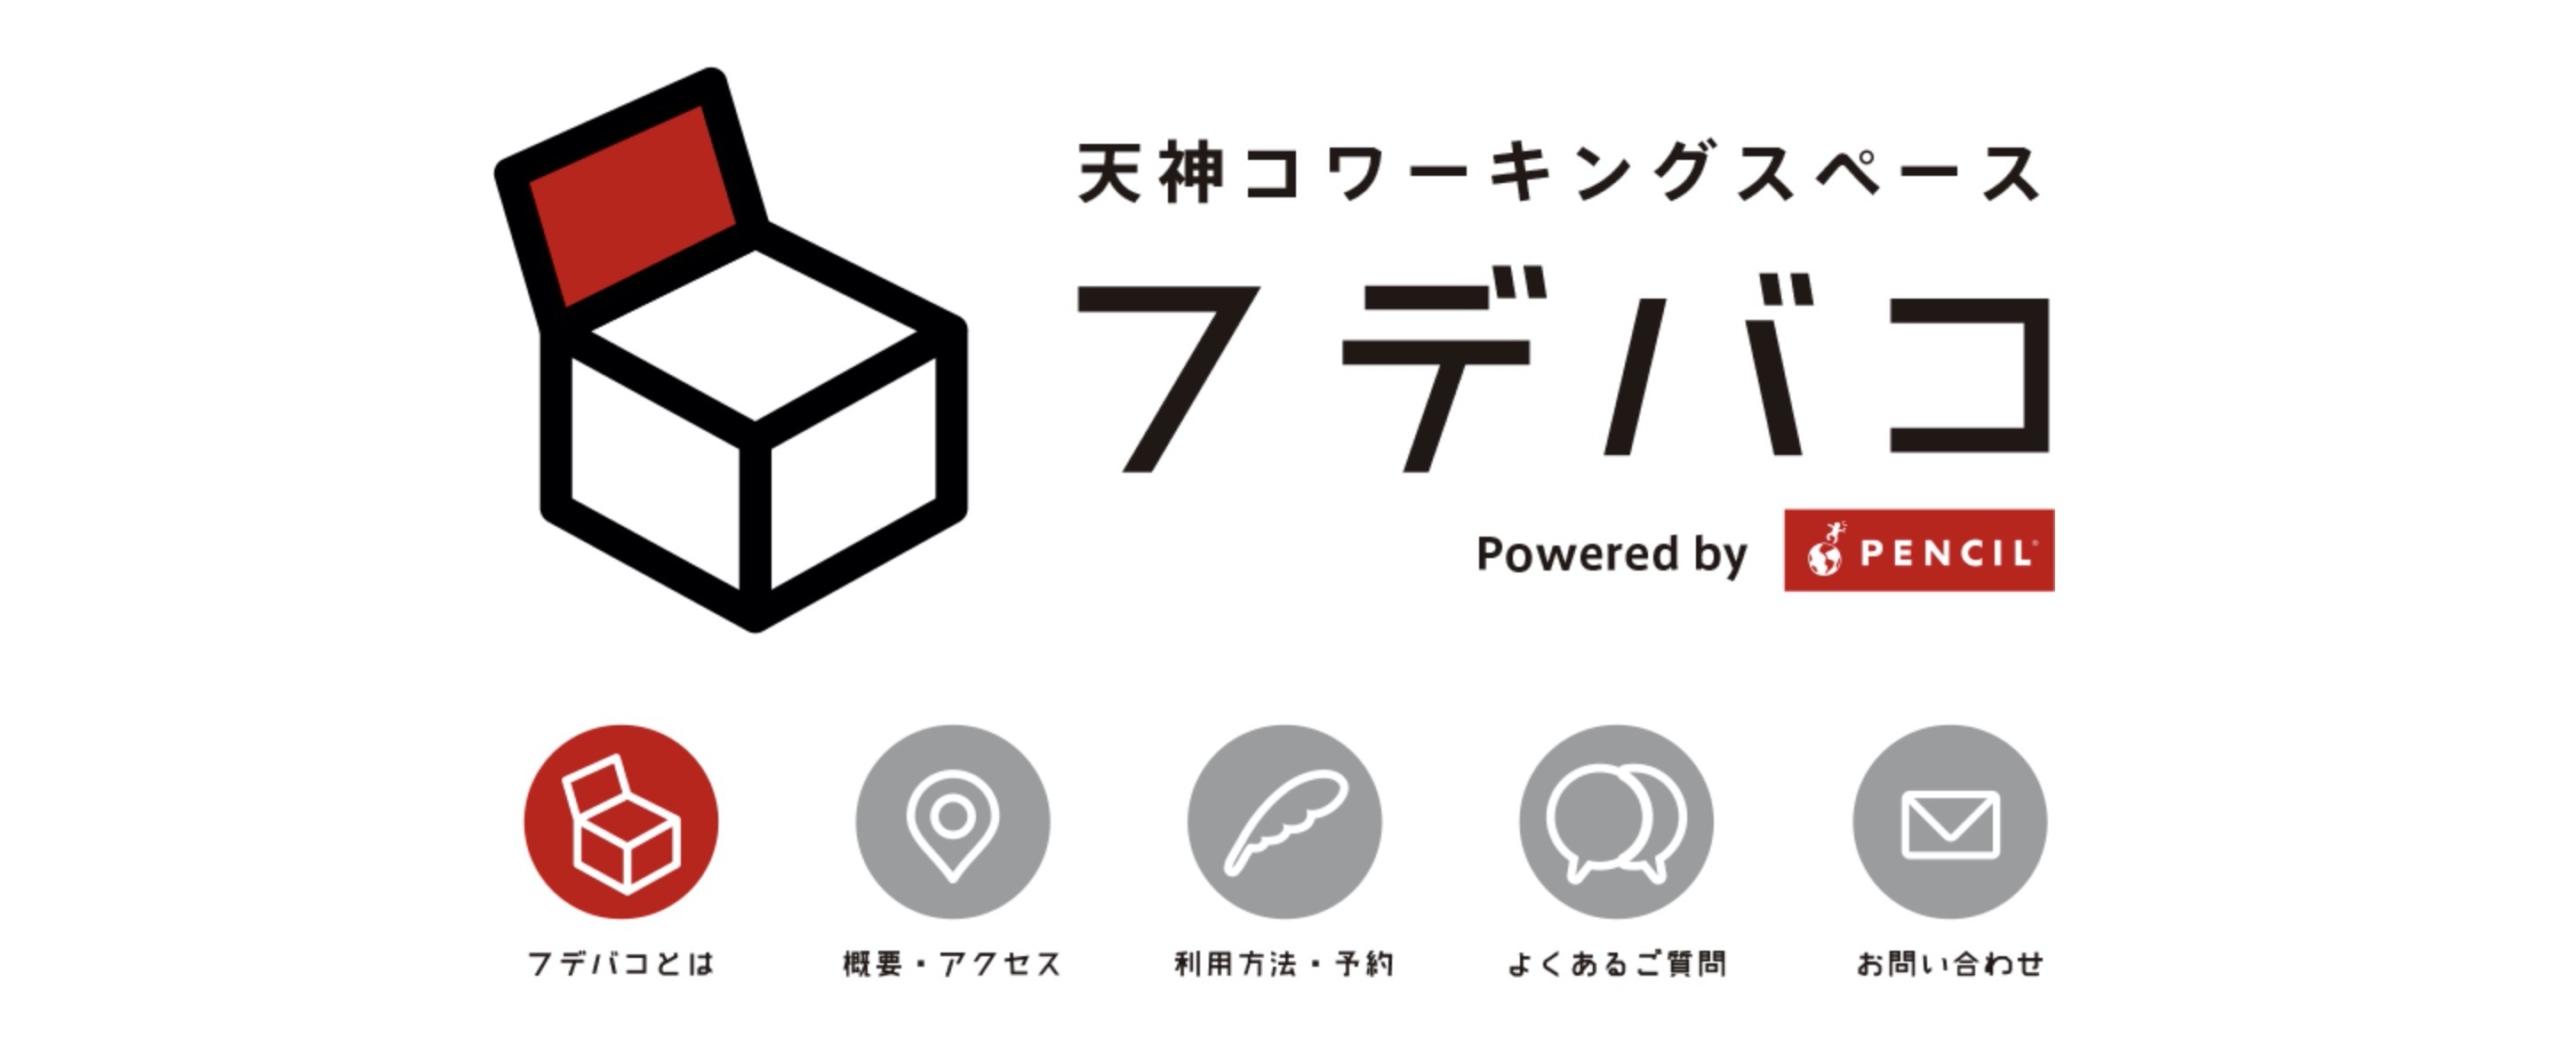 スクリーンショット 2020-02-16 12.41.24